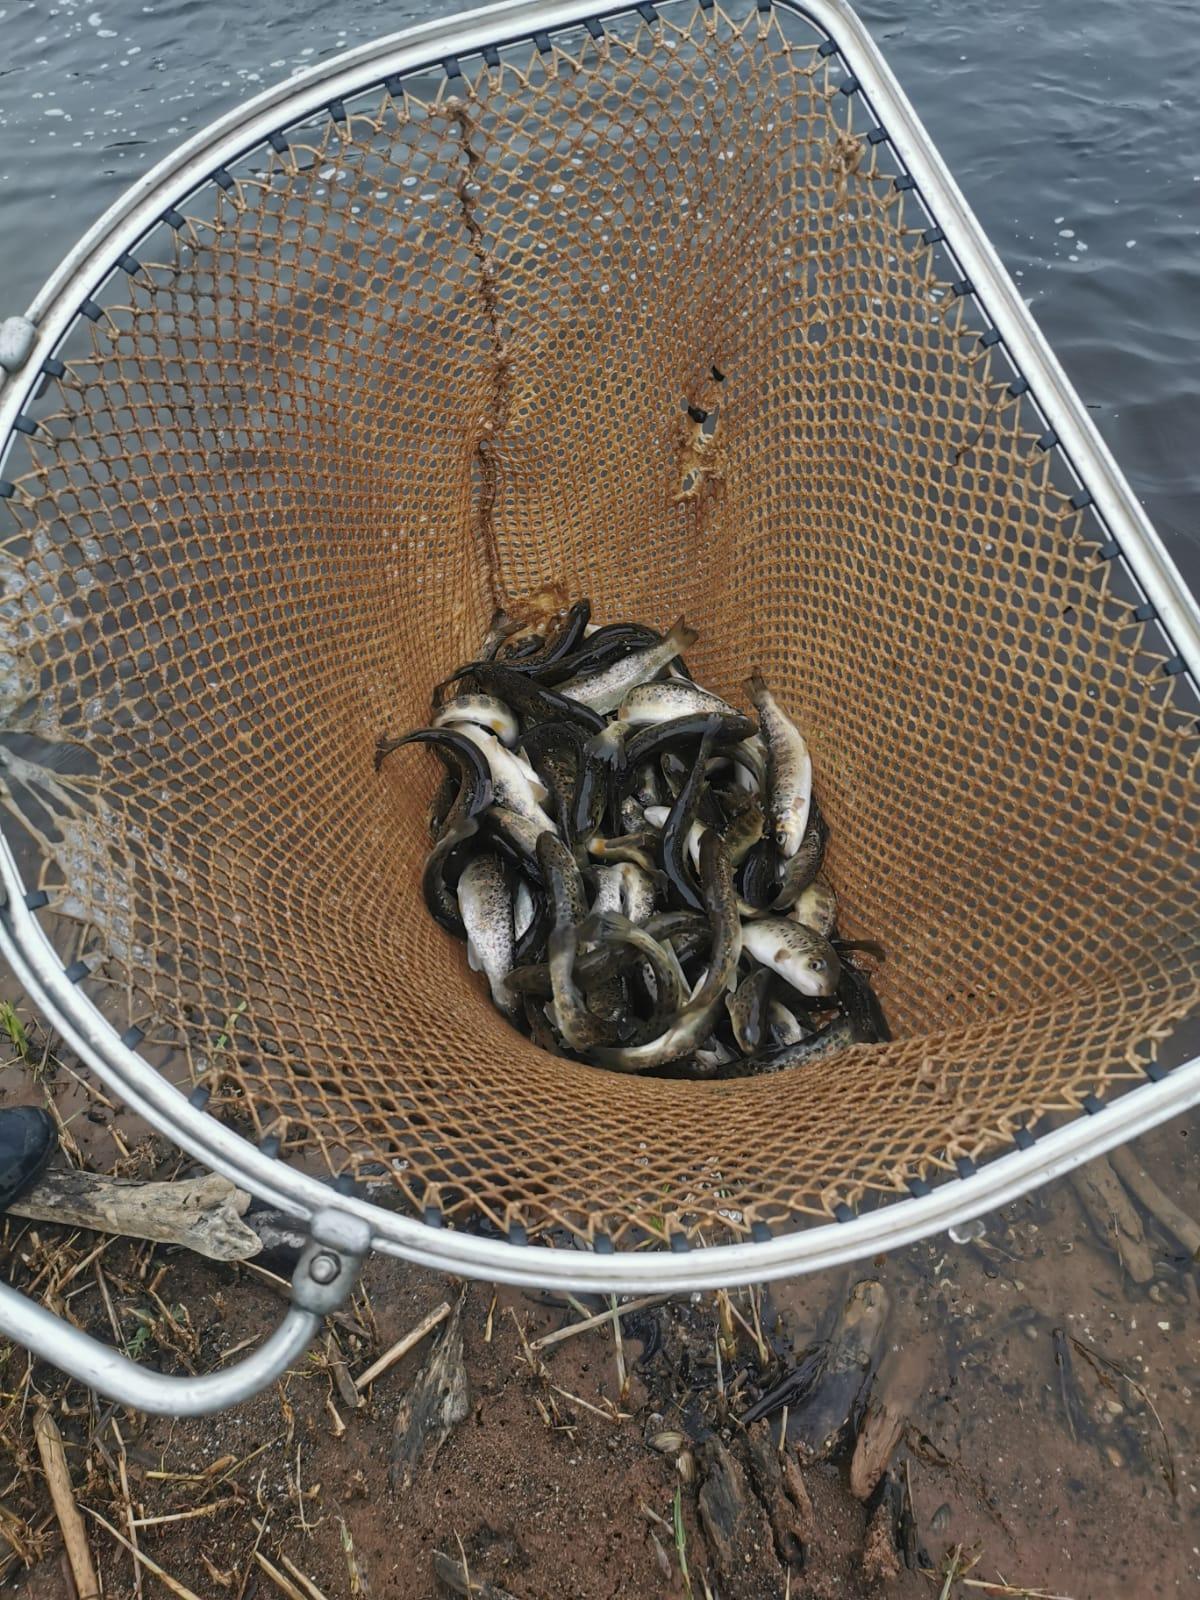 Taimiņu resursu papildināšana Salacas upes baseinā